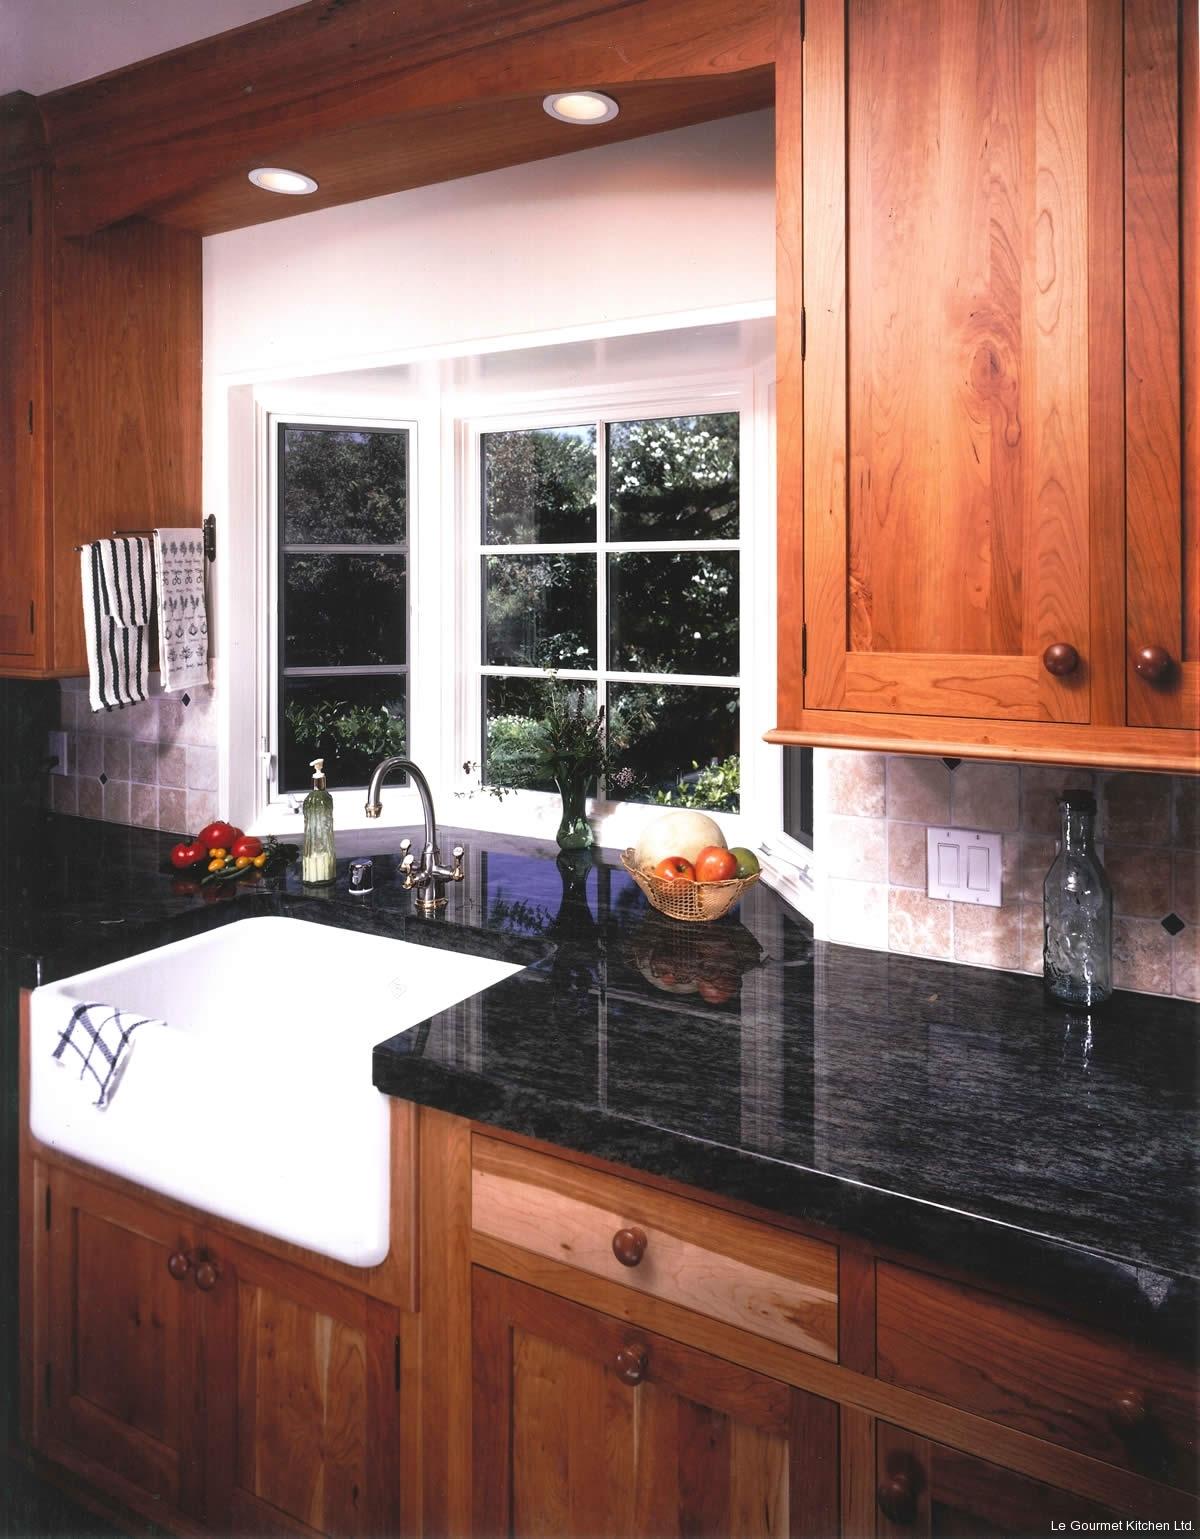 Anaheim Hills Kitchen Remodel | Le Gourmet Kitchen Ltd.